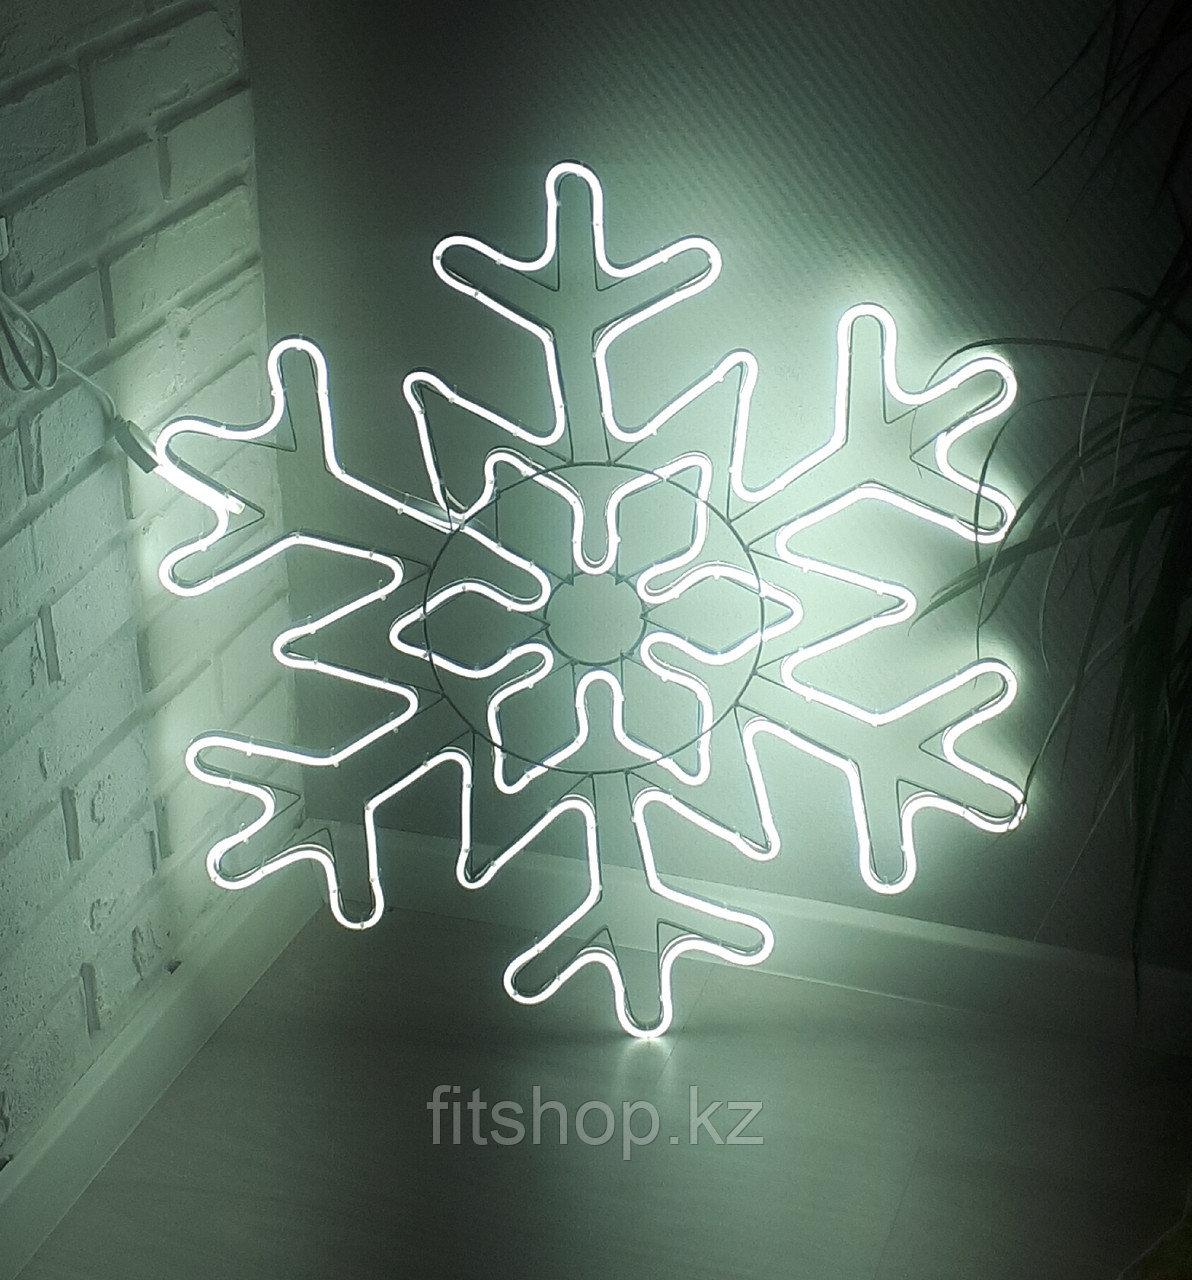 """Новогодняя светодиодная фигура """"Снежинка"""" - 78 х 78 см флекс -неон  двухсторонняя"""